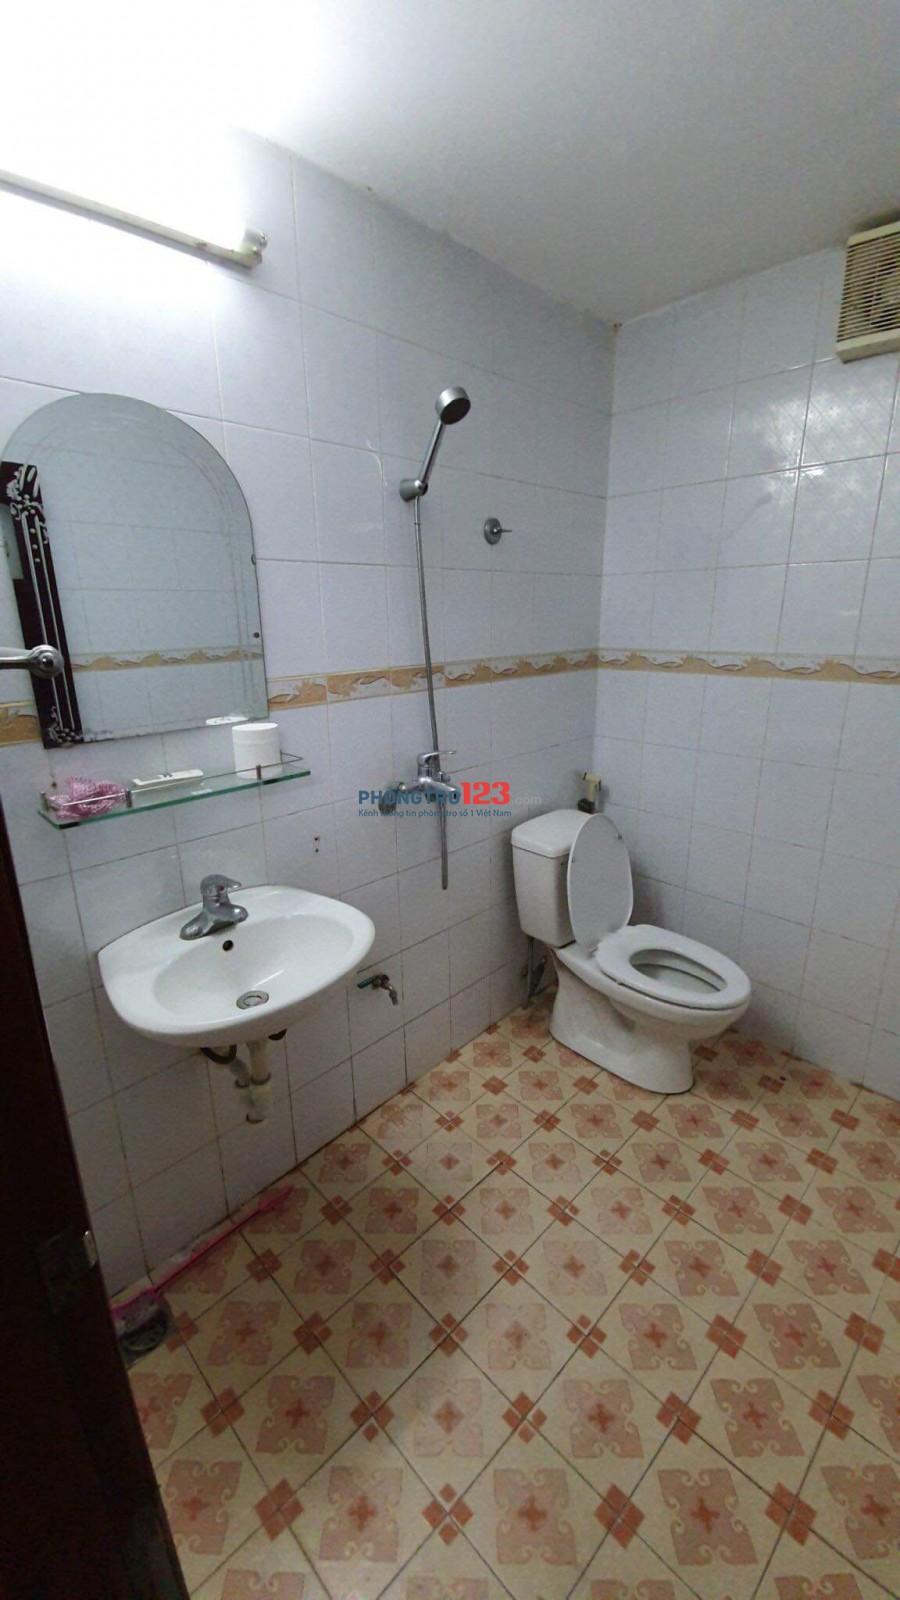 Cho thuê nhà nguyên căn 5 tầng 4 phòng tại 124 Nguyễn Xiển chỉ 10.500.000